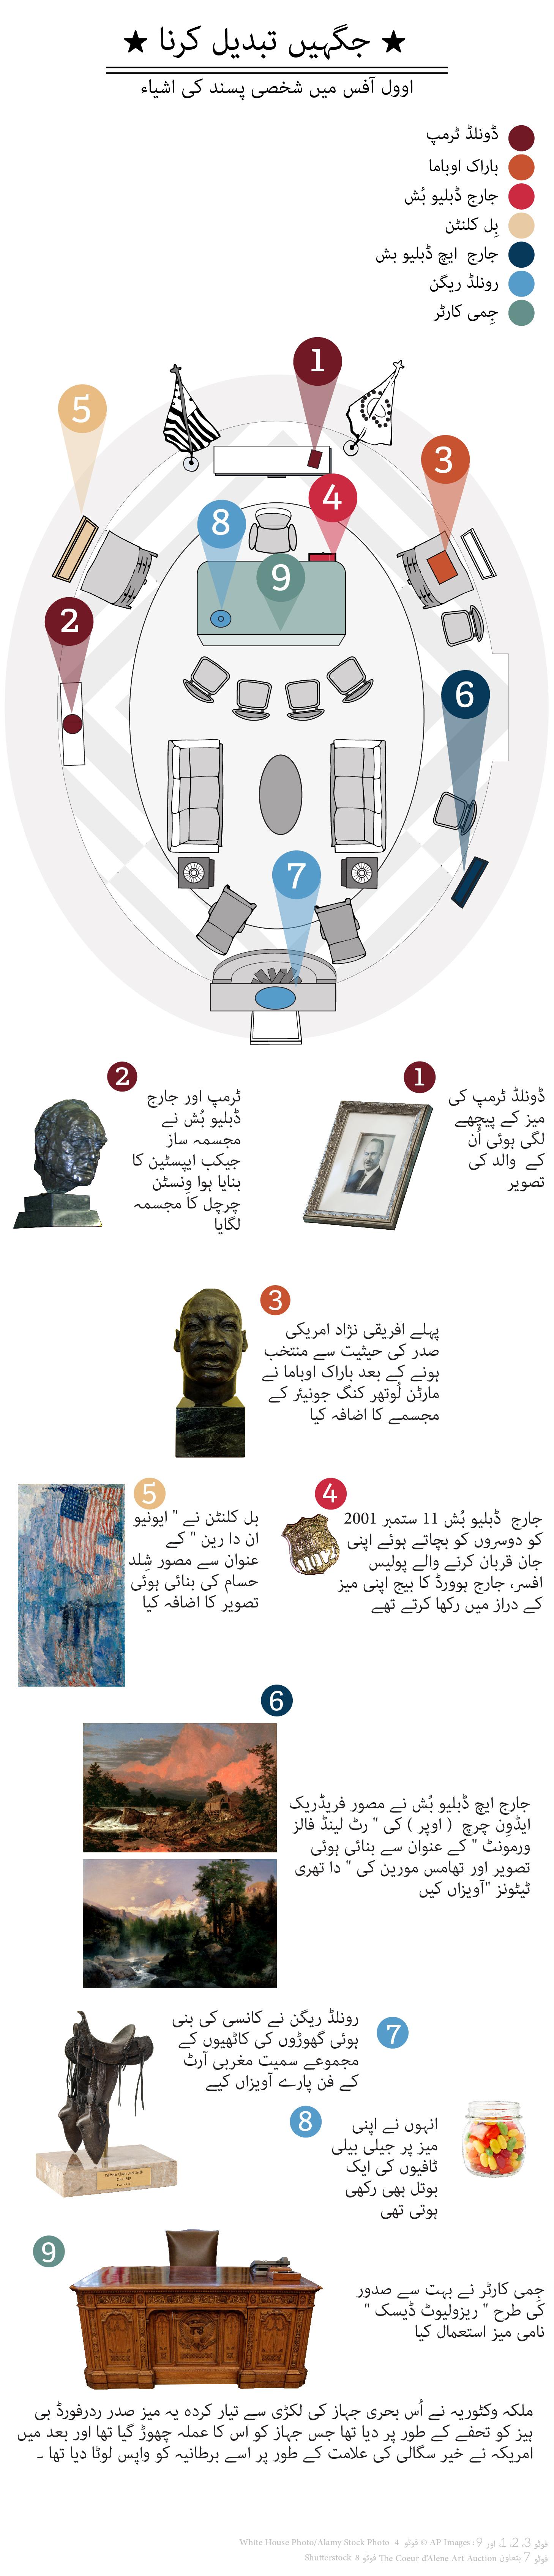 Oval Office_Urdu_Final-01